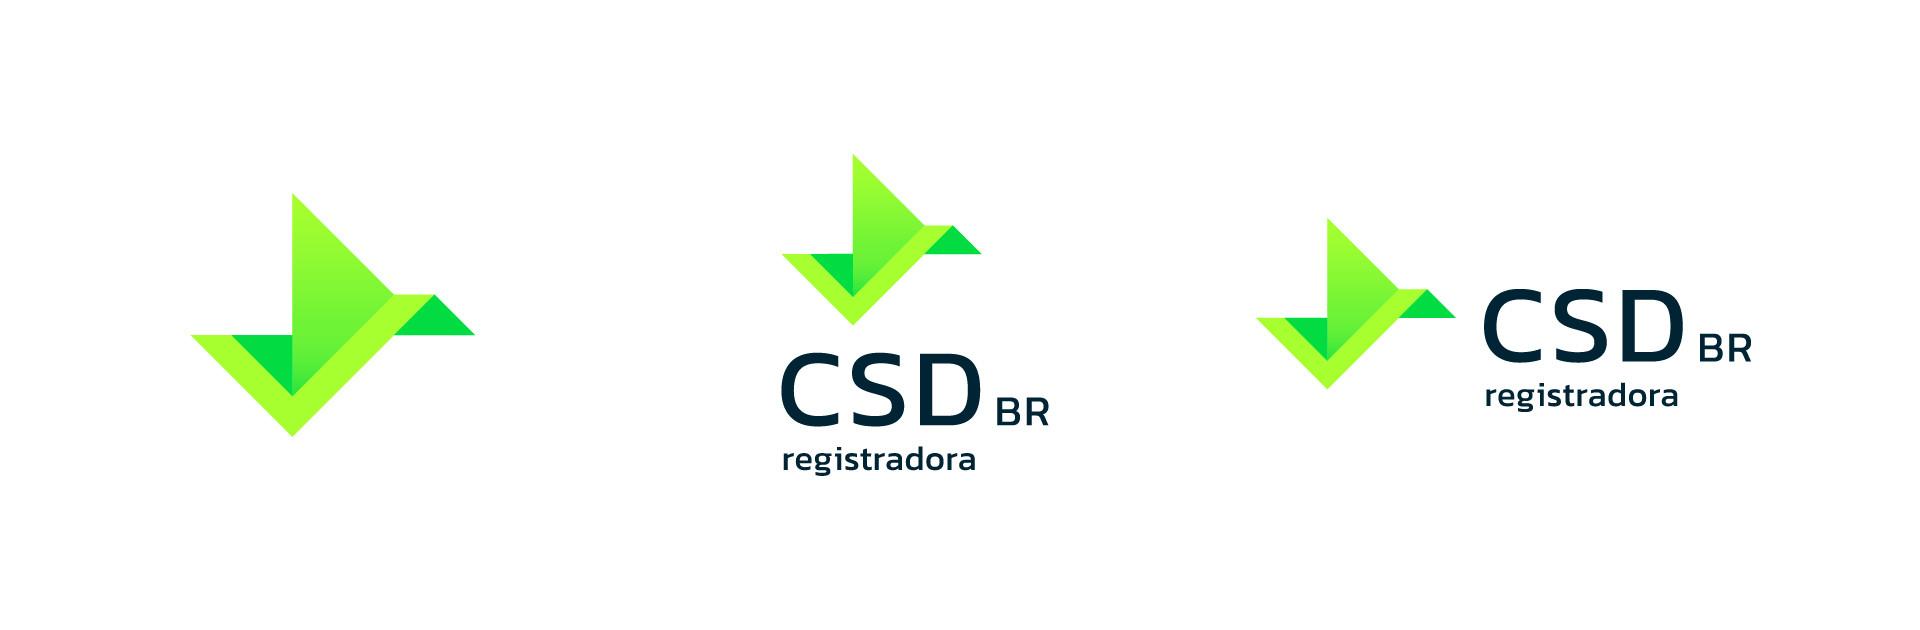 img-portfolio-csd-voadora (1).jpg